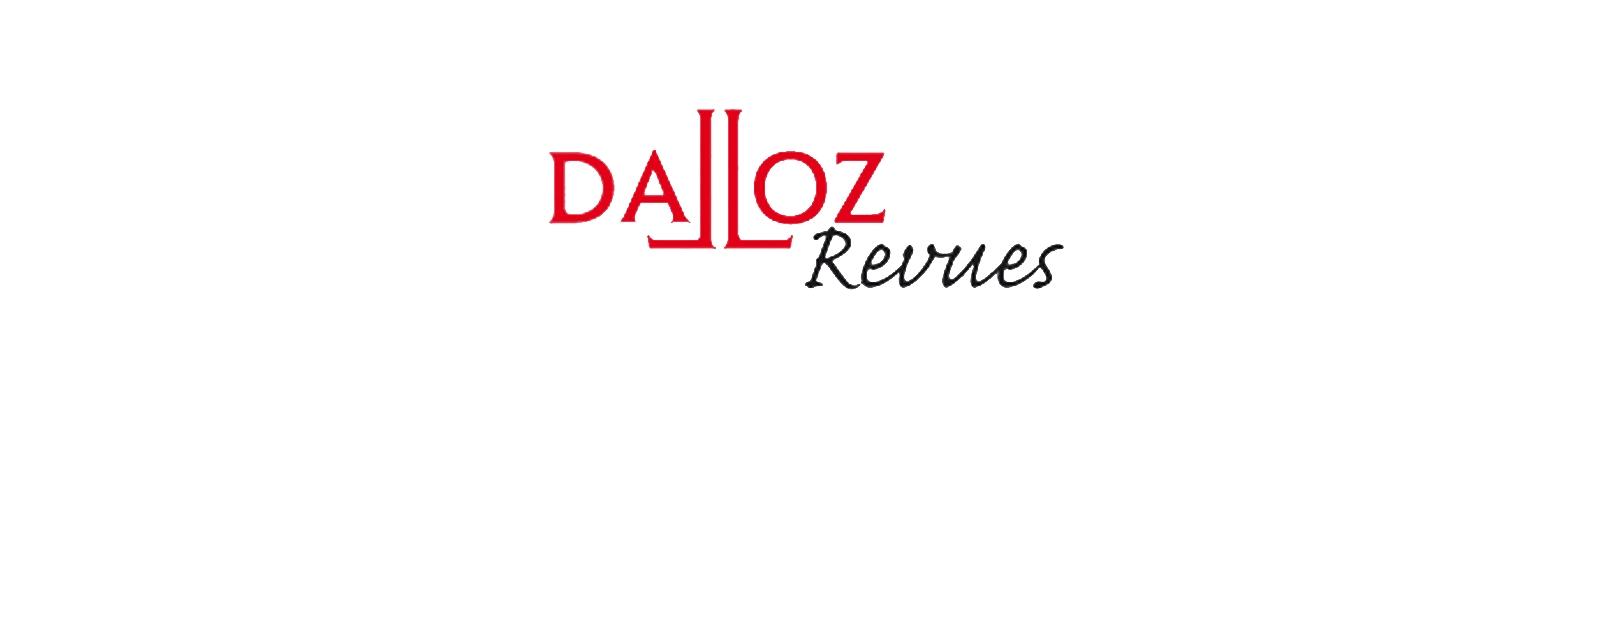 Dalloz Revues